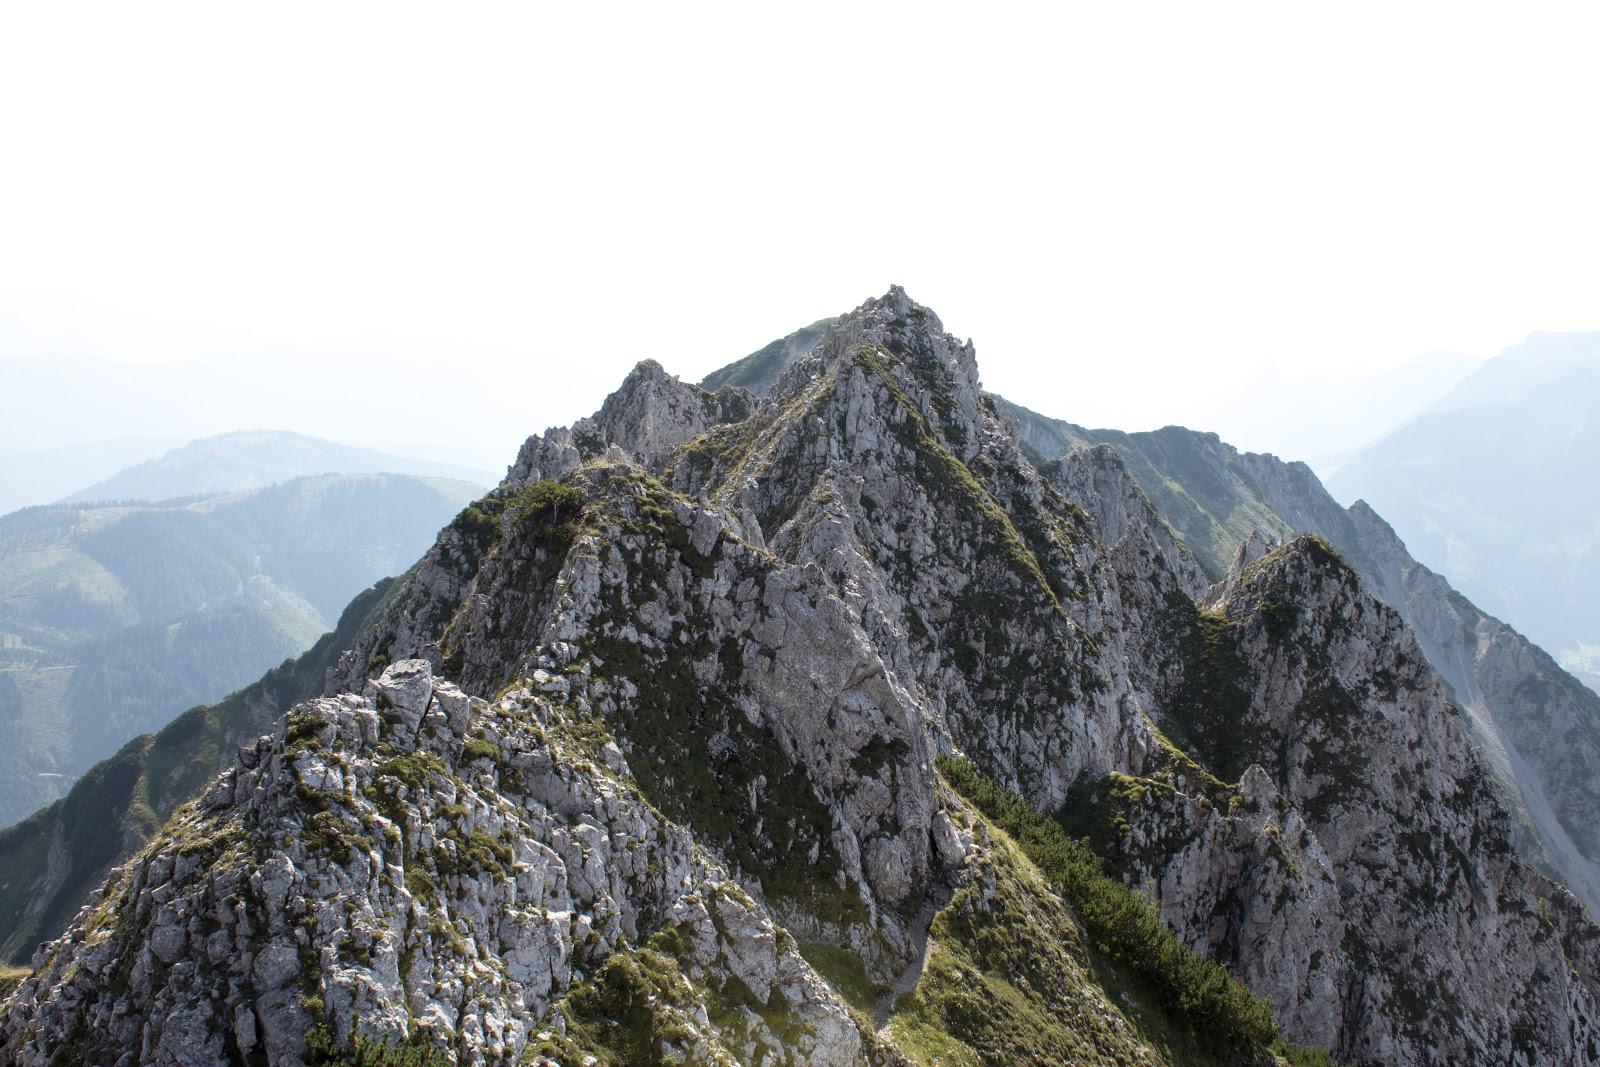 Von der Ardningeralmhütte über den Wildfrauensteig auf Frauenmauer, Bosruck und Kitzstein.